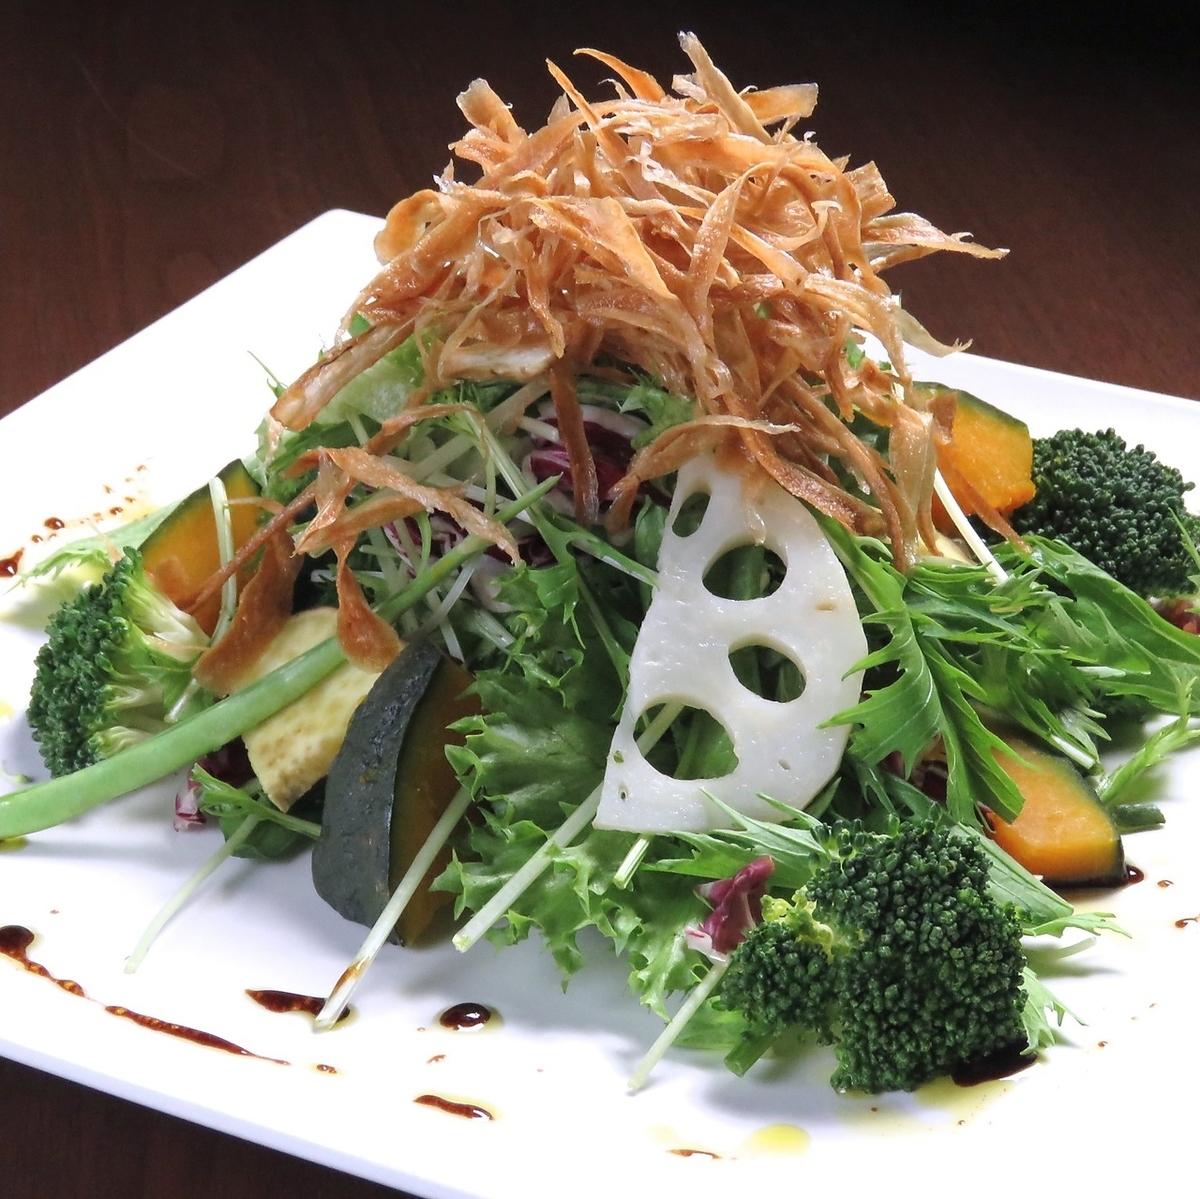 5 종의 뿌리 바삭 바삭한 샐러드